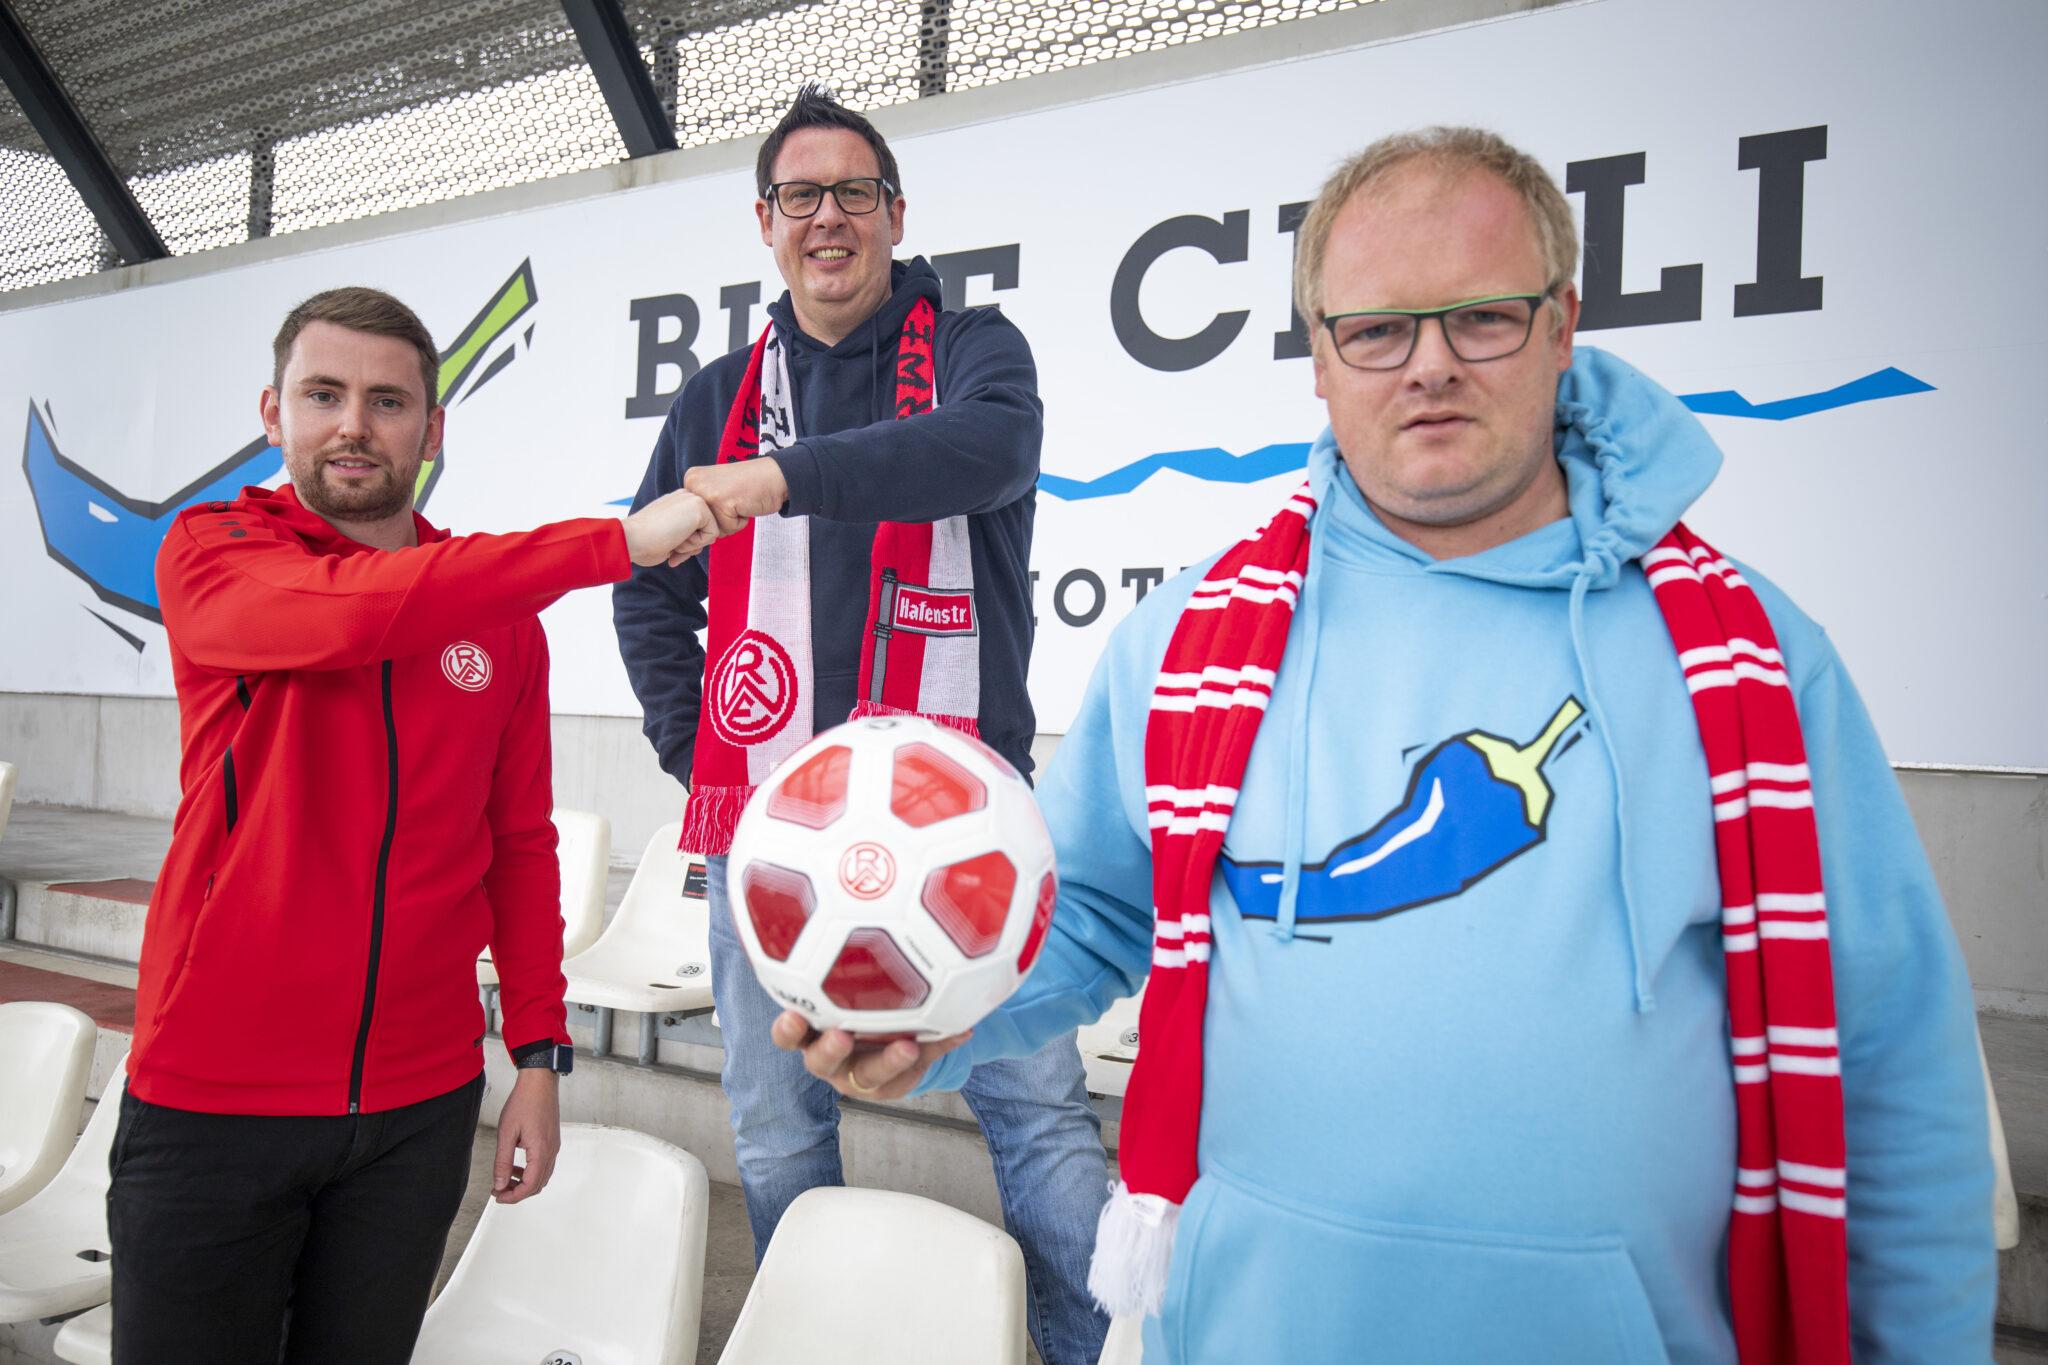 Blue Chili GmbH: Auf Anhieb Top-Partner – Rot-Weiss Essen